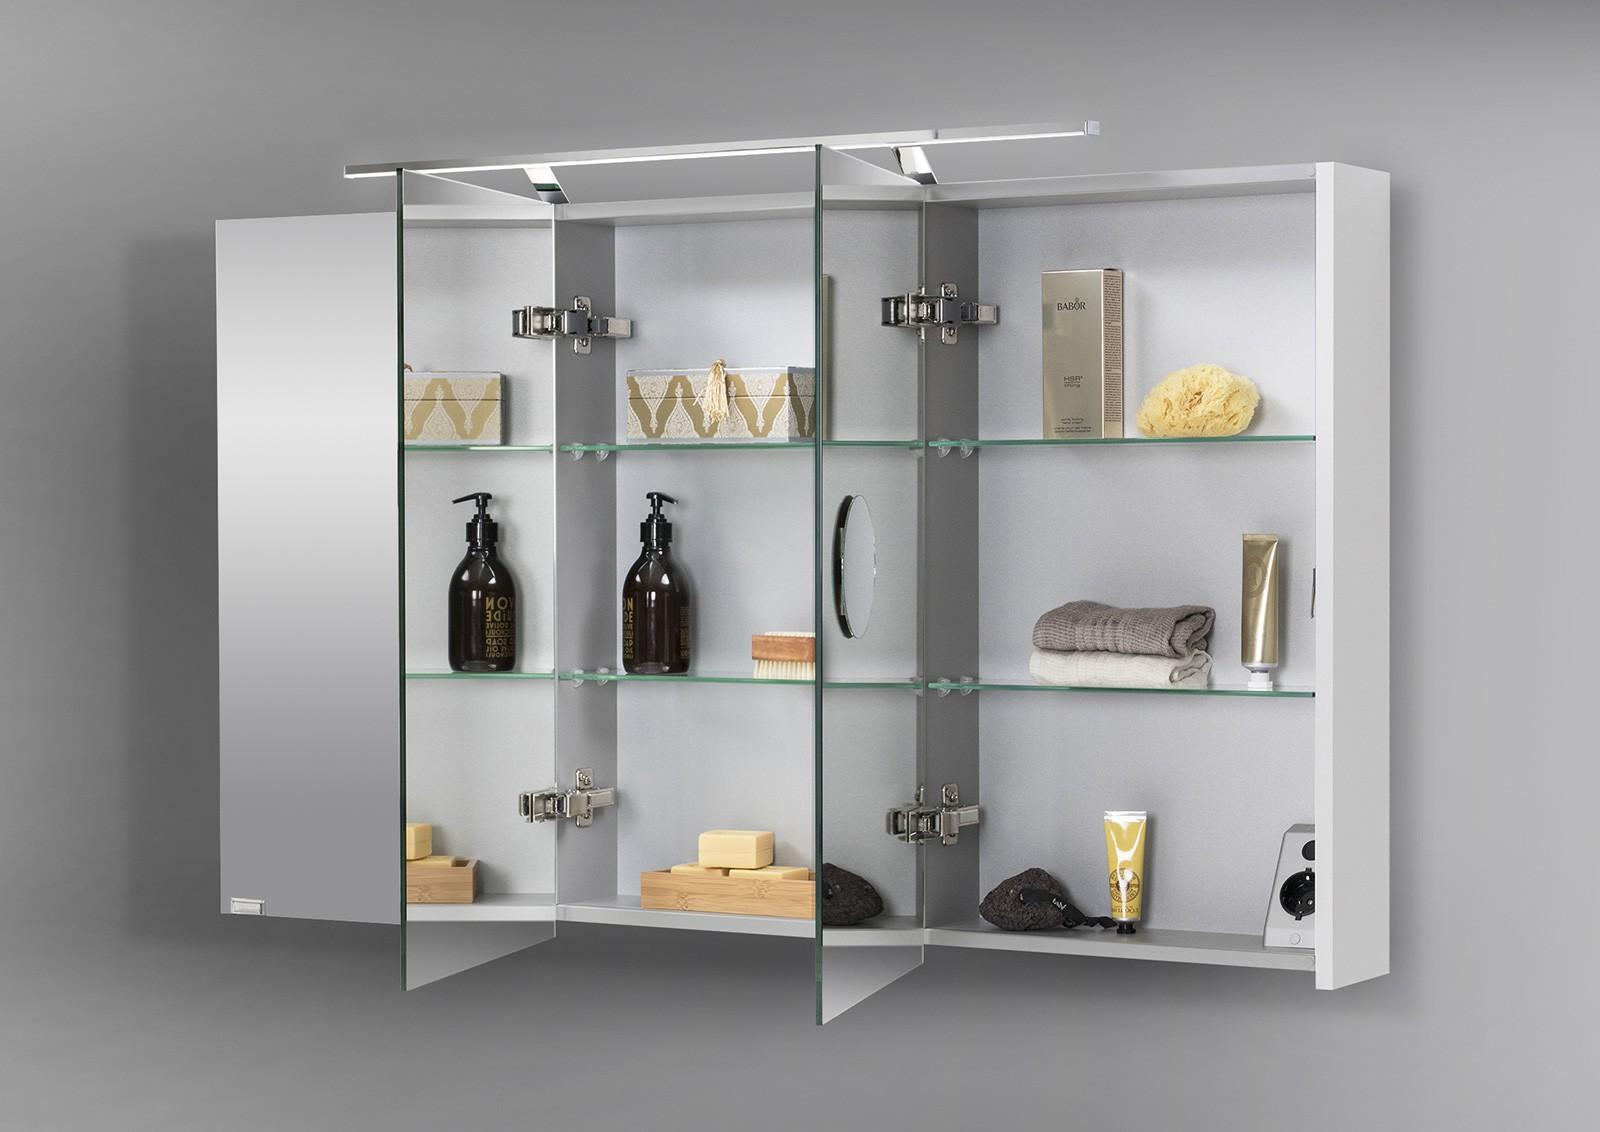 spiegelschrank bad 120 cm led beleuchtung doppelseitig verspiegelt 5206. Black Bedroom Furniture Sets. Home Design Ideas